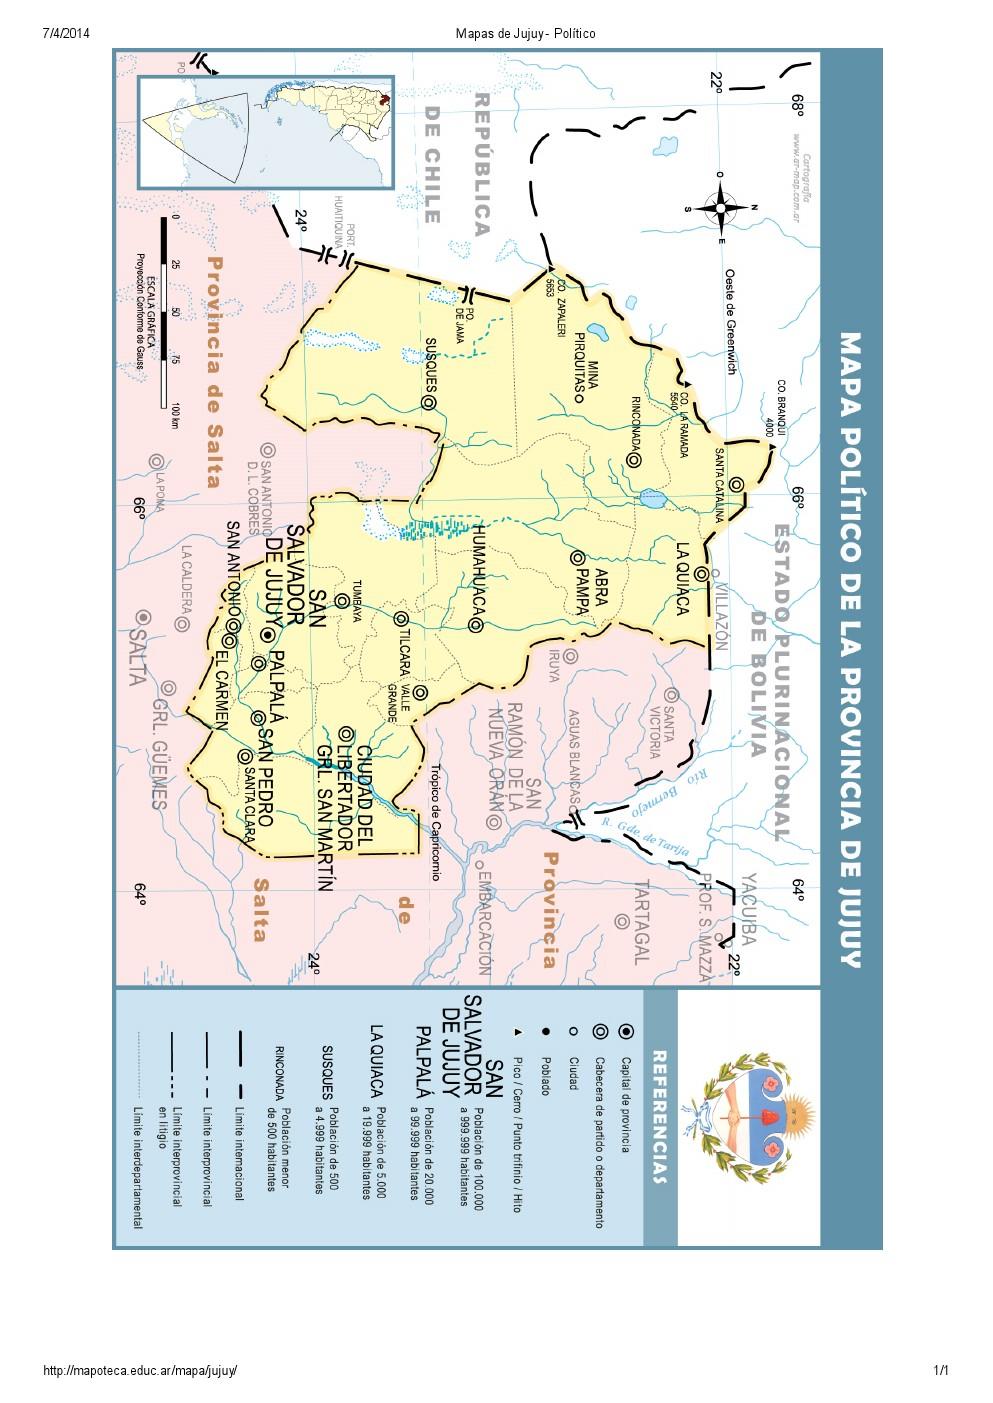 Mapa de capitales de Jujuy. Mapoteca de Educ.ar